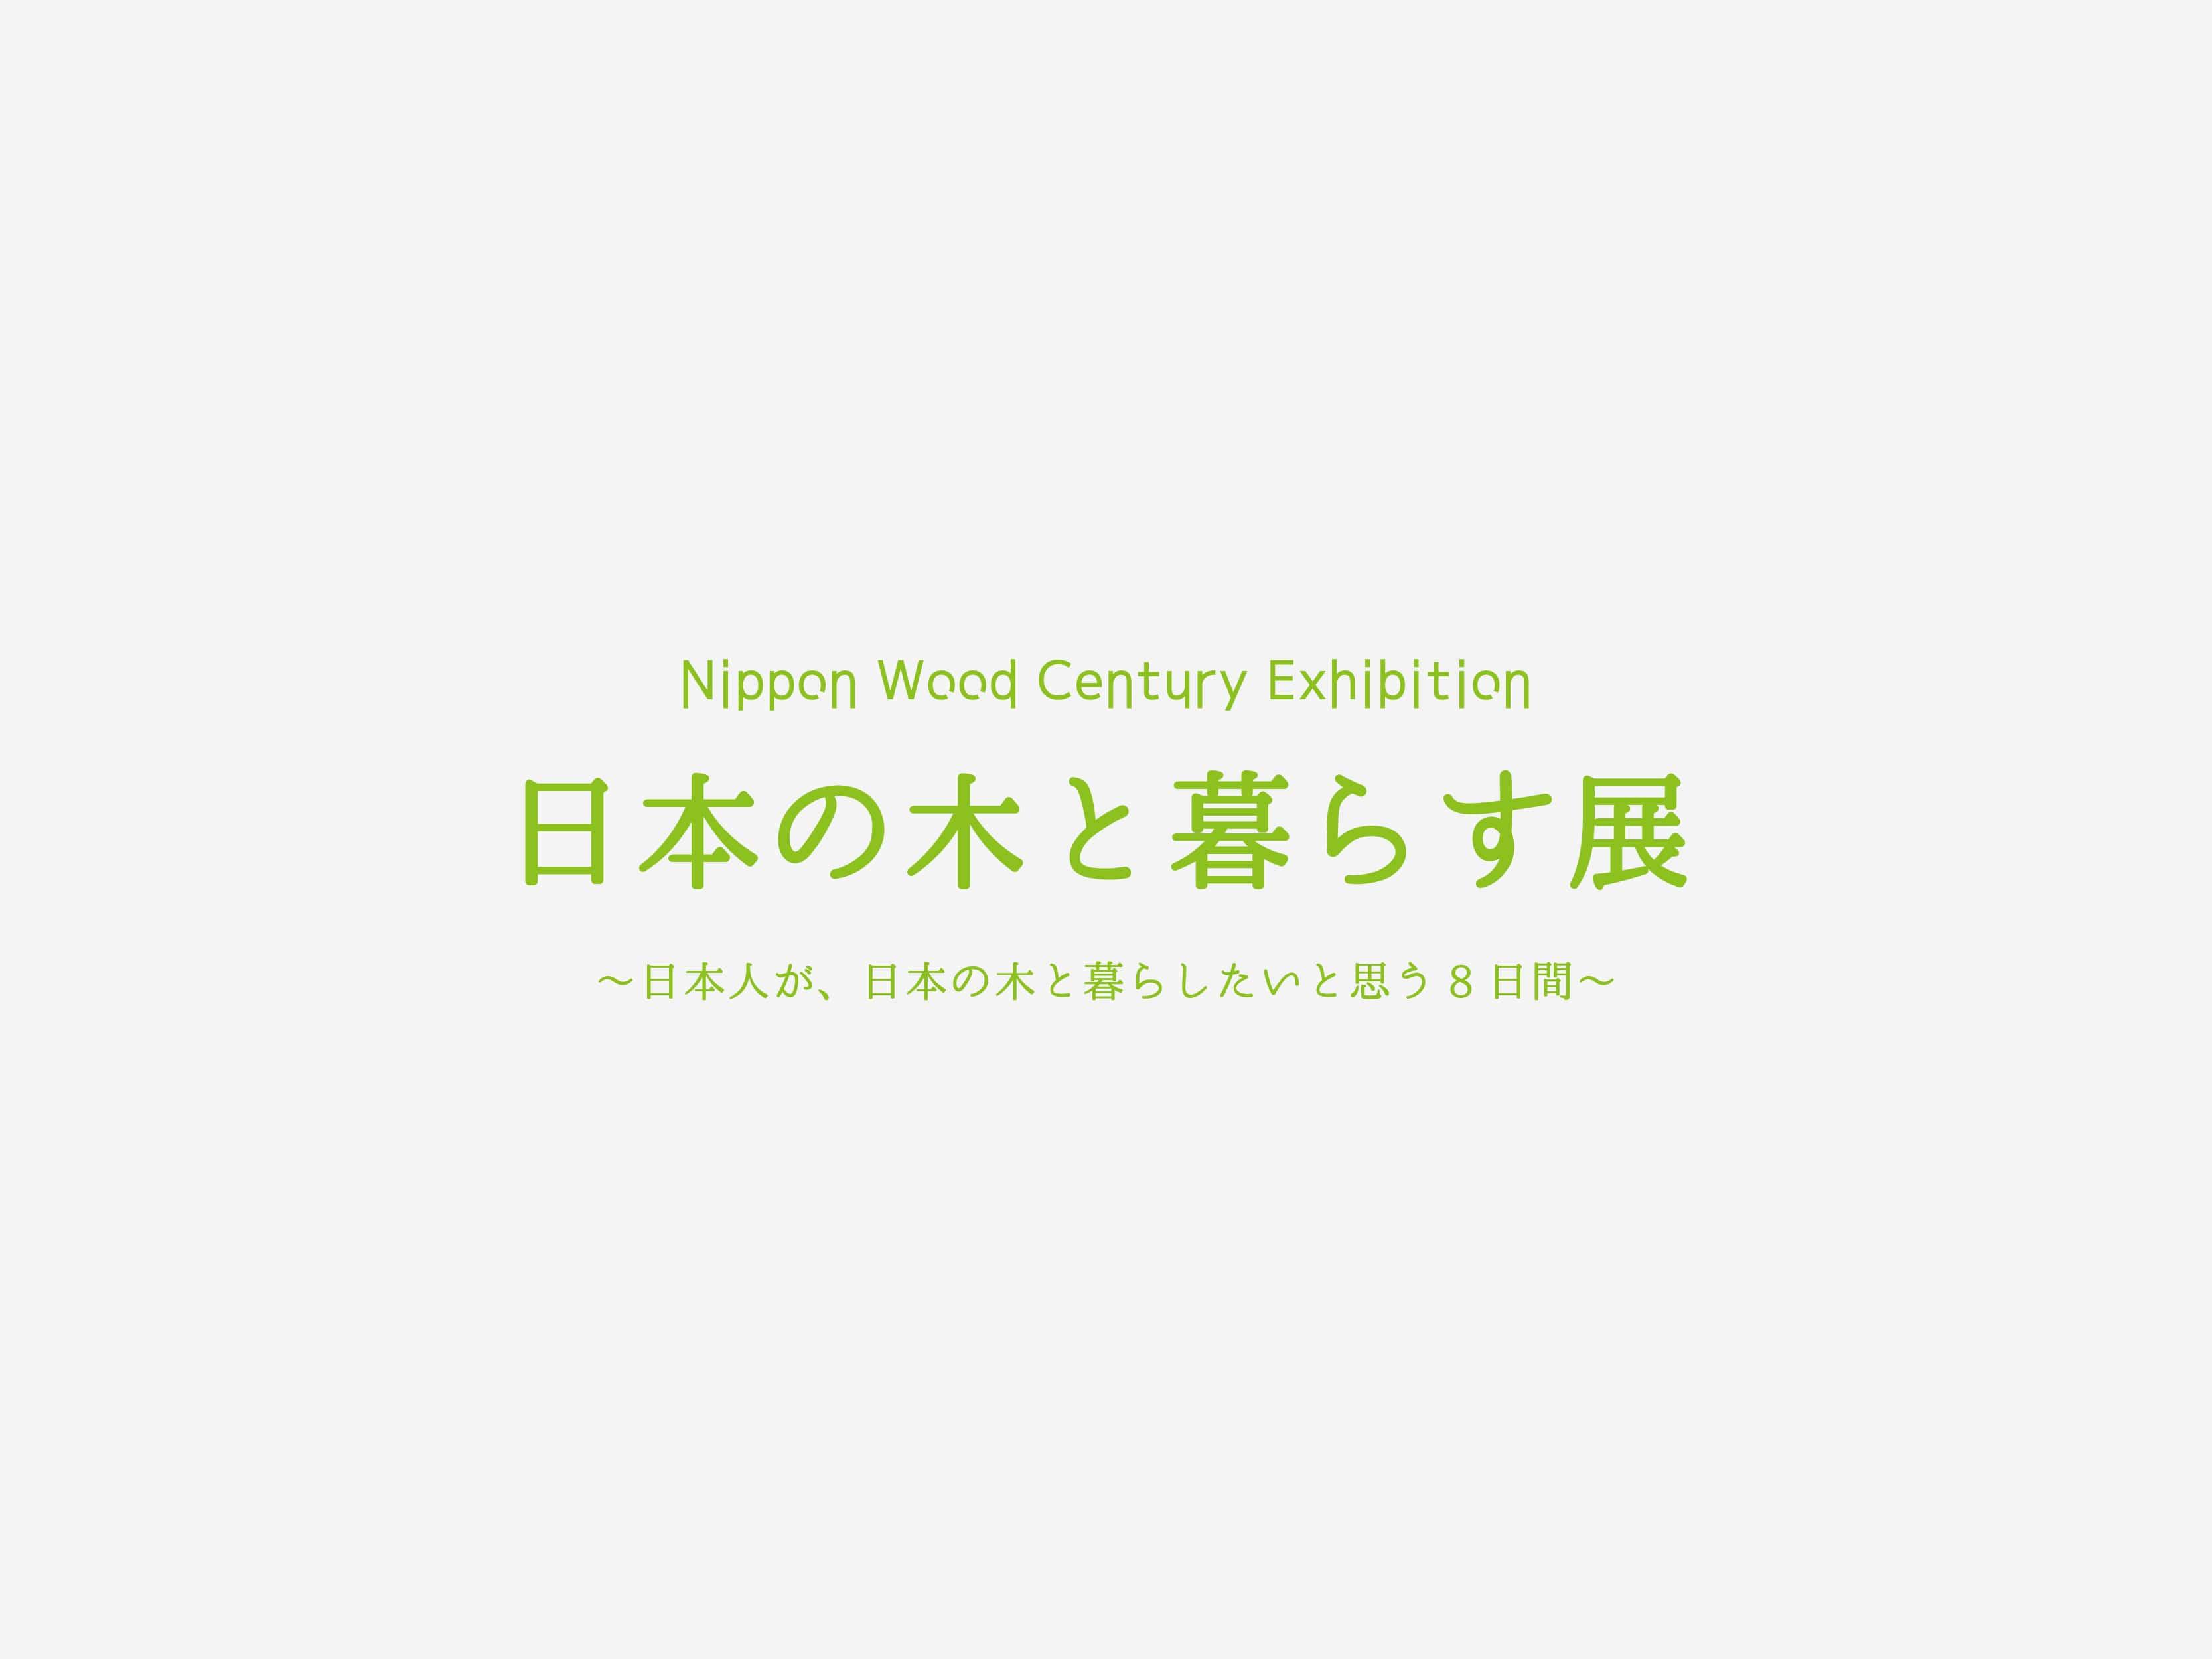 日本の木と共に暮らす展